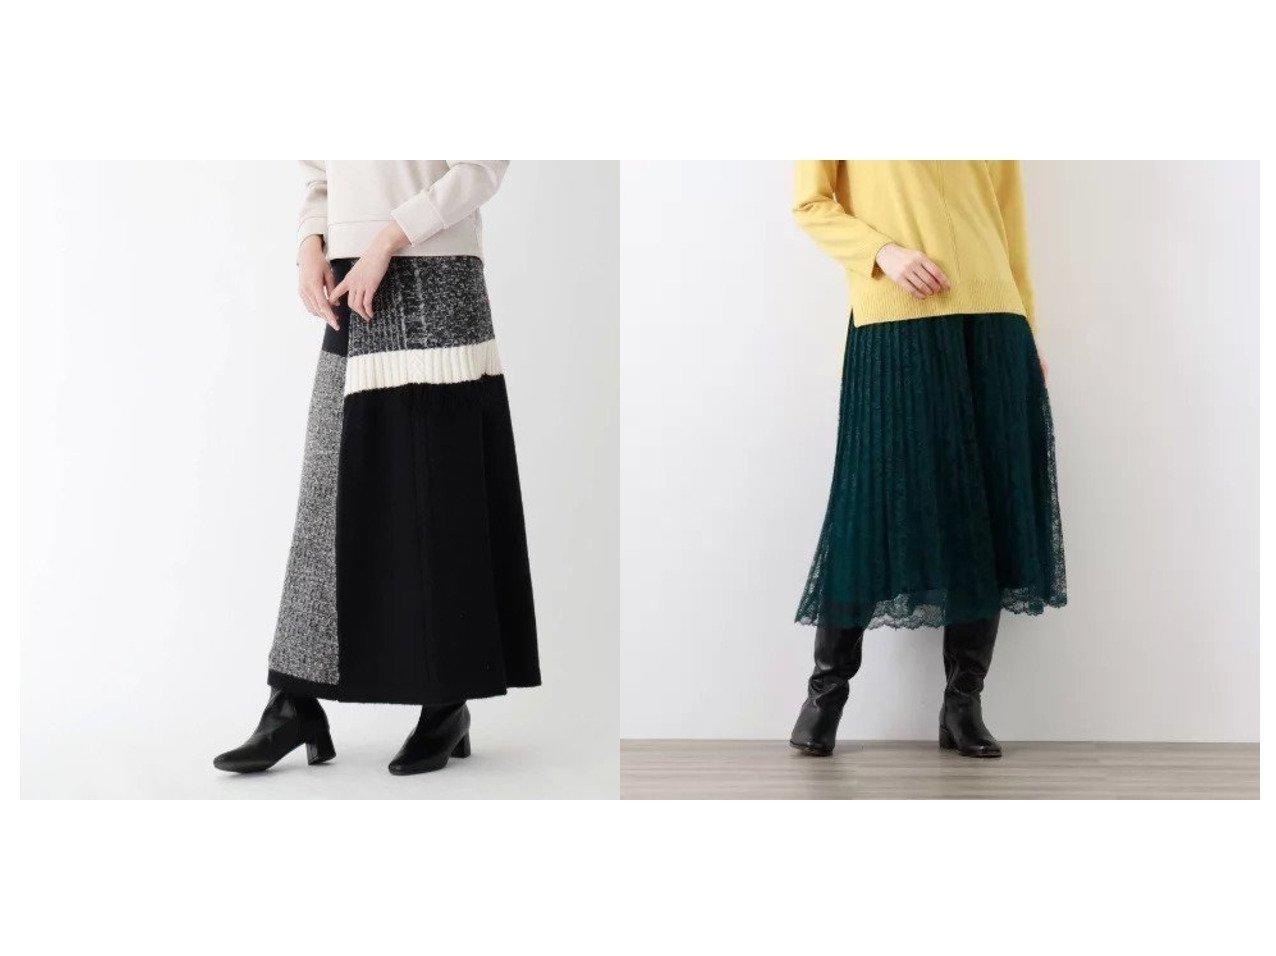 【SOUP/スープ】のパッチワークロングスカート&【AMACA/アマカ】のフラワーラッセルレーススカート スカートのおすすめ!人気、レディースファッションの通販 おすすめで人気のファッション通販商品 インテリア・家具・キッズファッション・メンズファッション・レディースファッション・服の通販 founy(ファニー) https://founy.com/ ファッション Fashion レディース WOMEN スカート Skirt ロングスカート Long Skirt パッチワーク マキシ ロング  ID:crp329100000002693